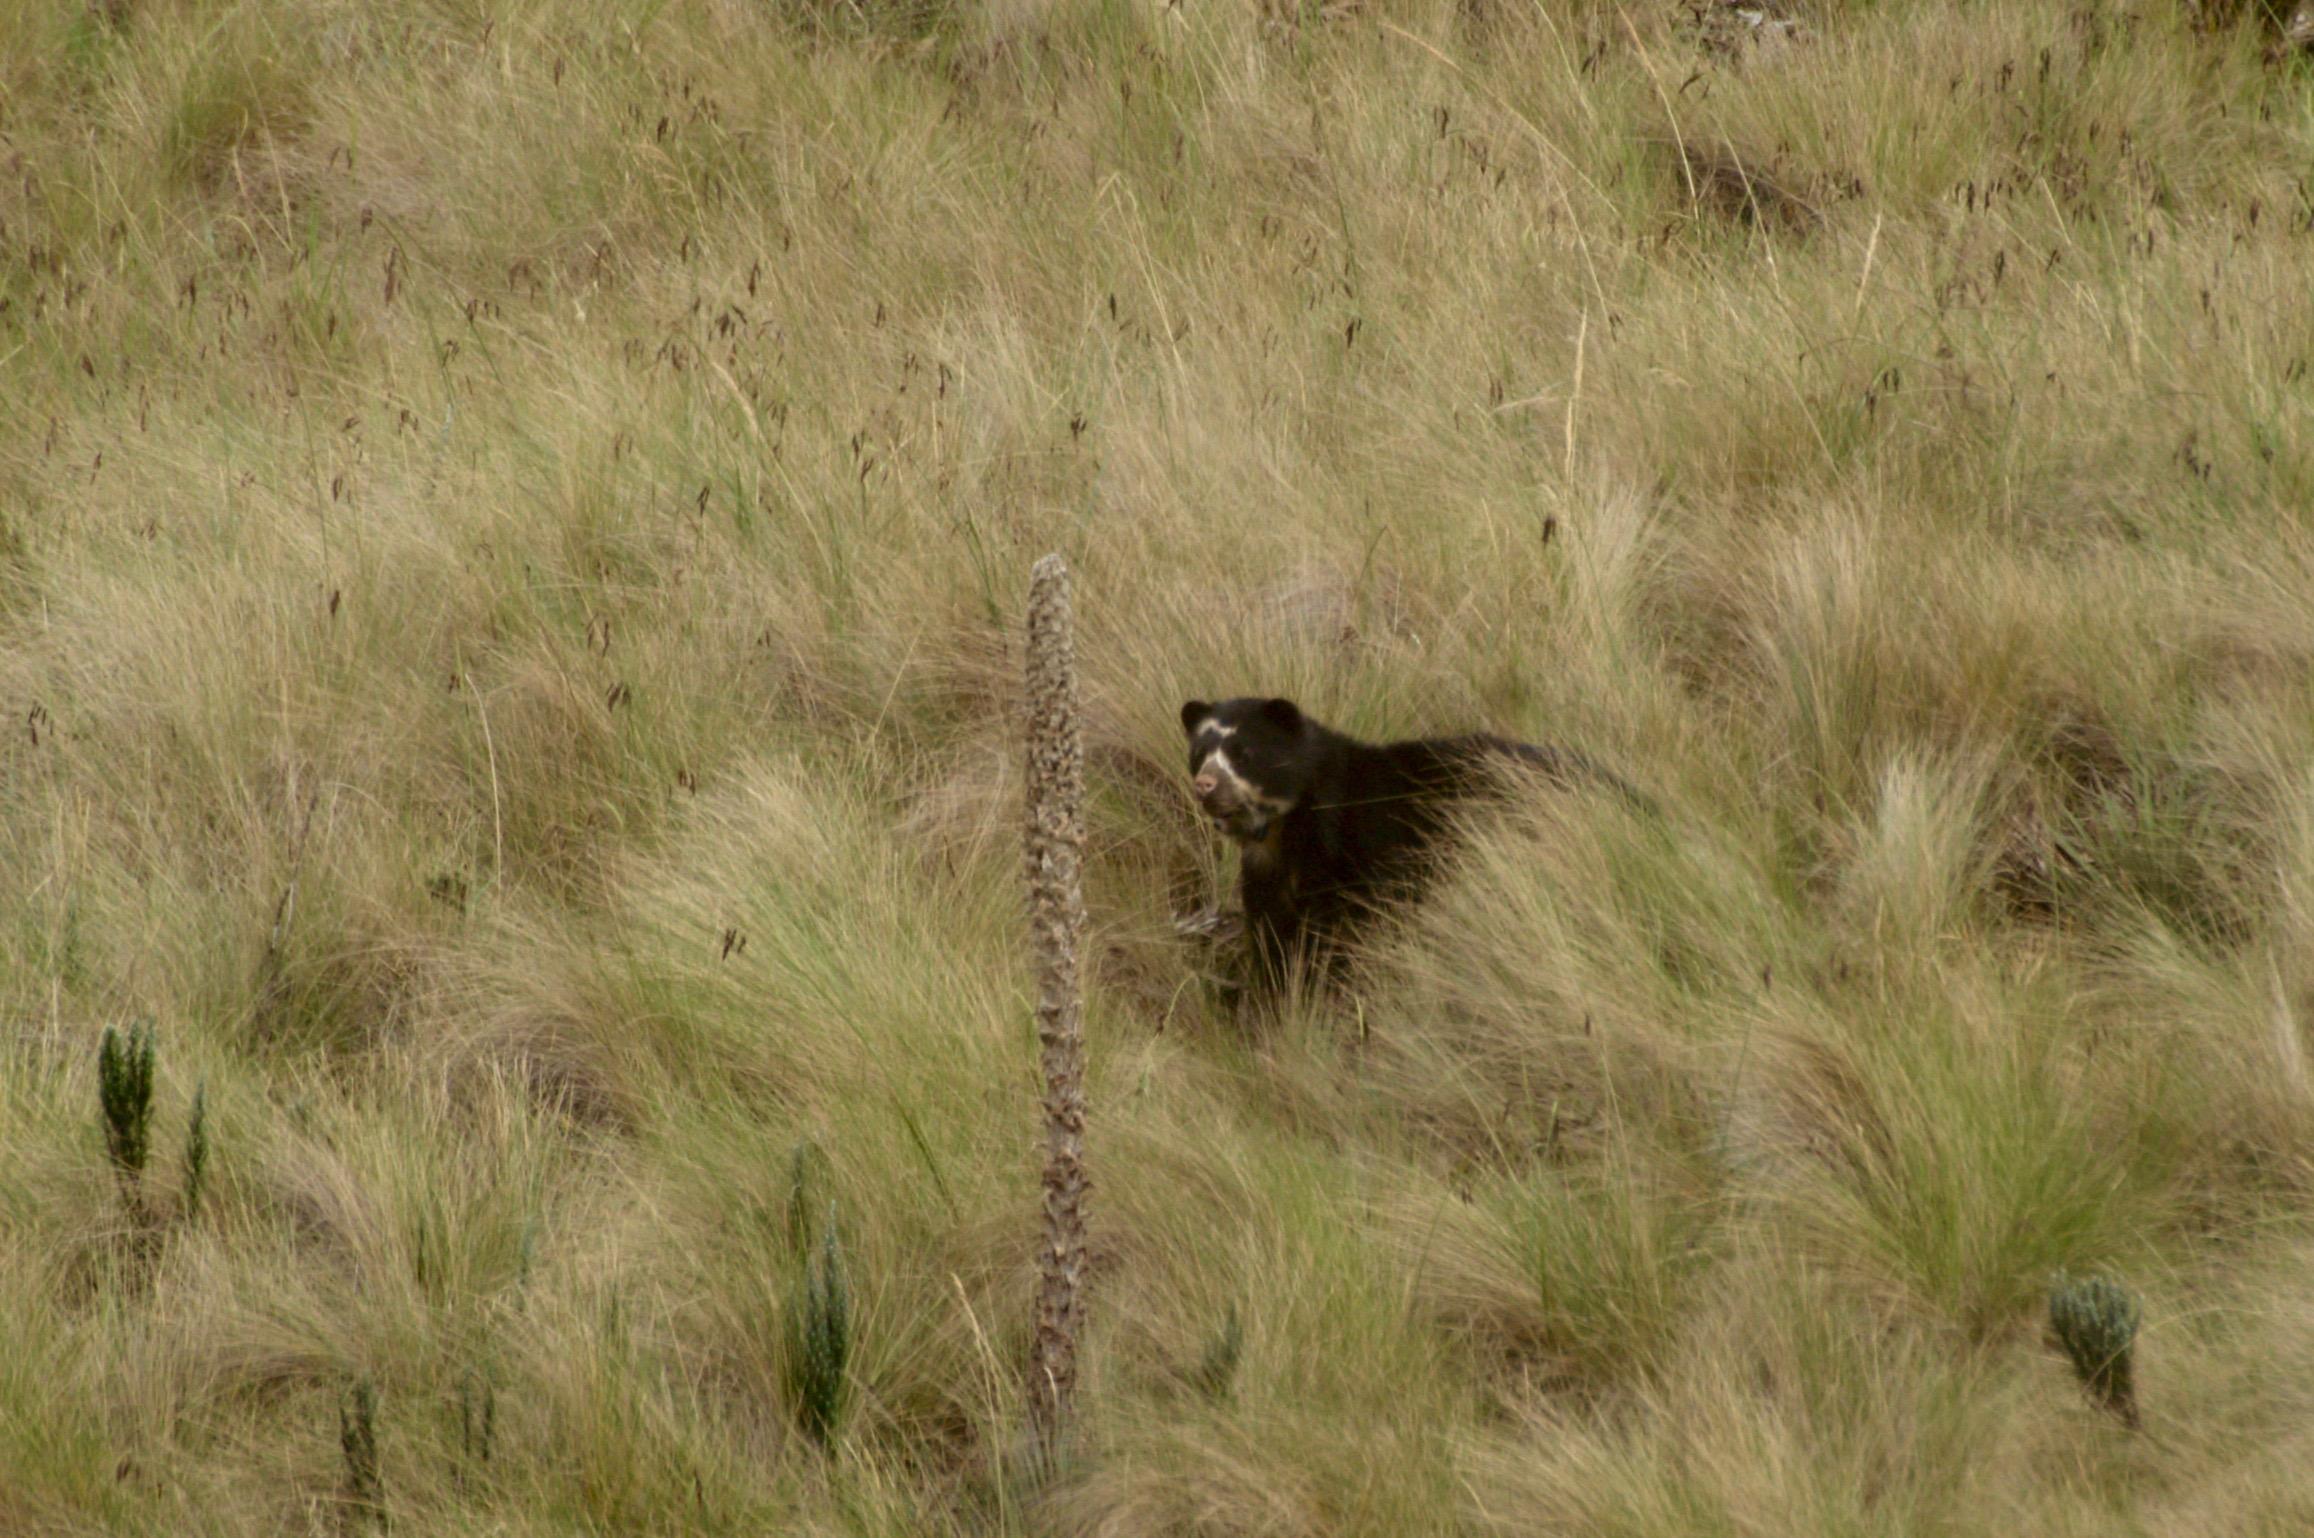 Soutenez les actions d'Andean Bear Foundation pour l'ours à lunettes, le tapir et la faune d'Equateur